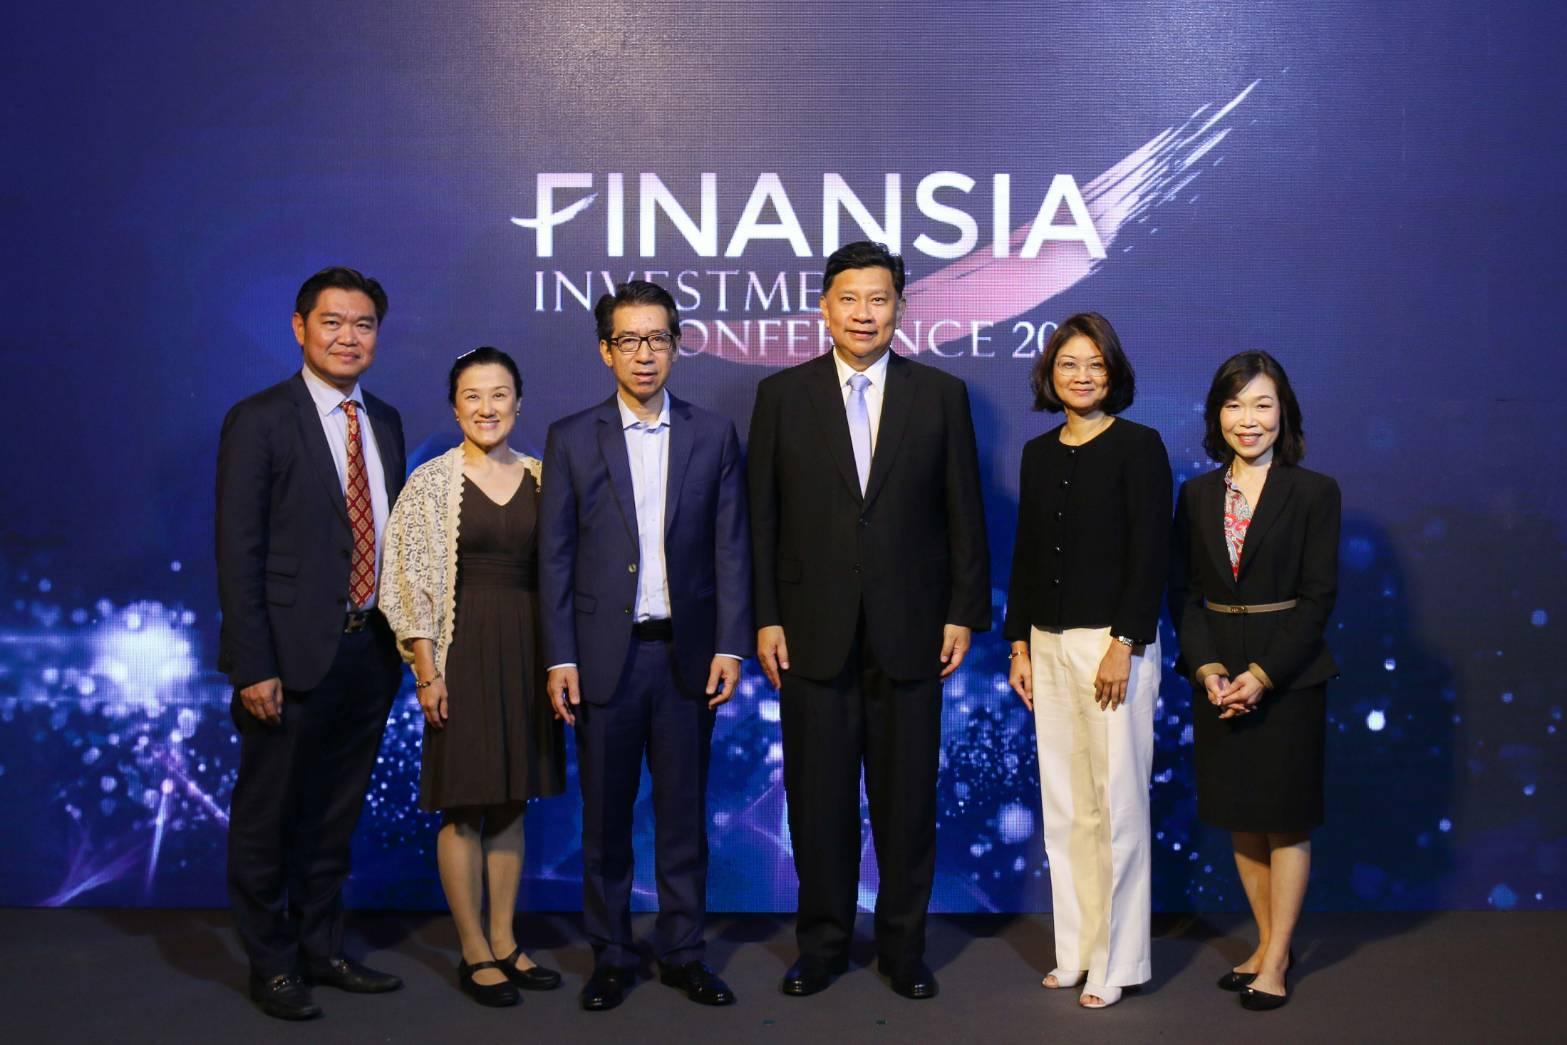 """FINANSIA ผนึก 60 บจ. ผุดงานยักษ์ """"FINANSIA Investment Conference 2020"""" พบนักลงทุน"""